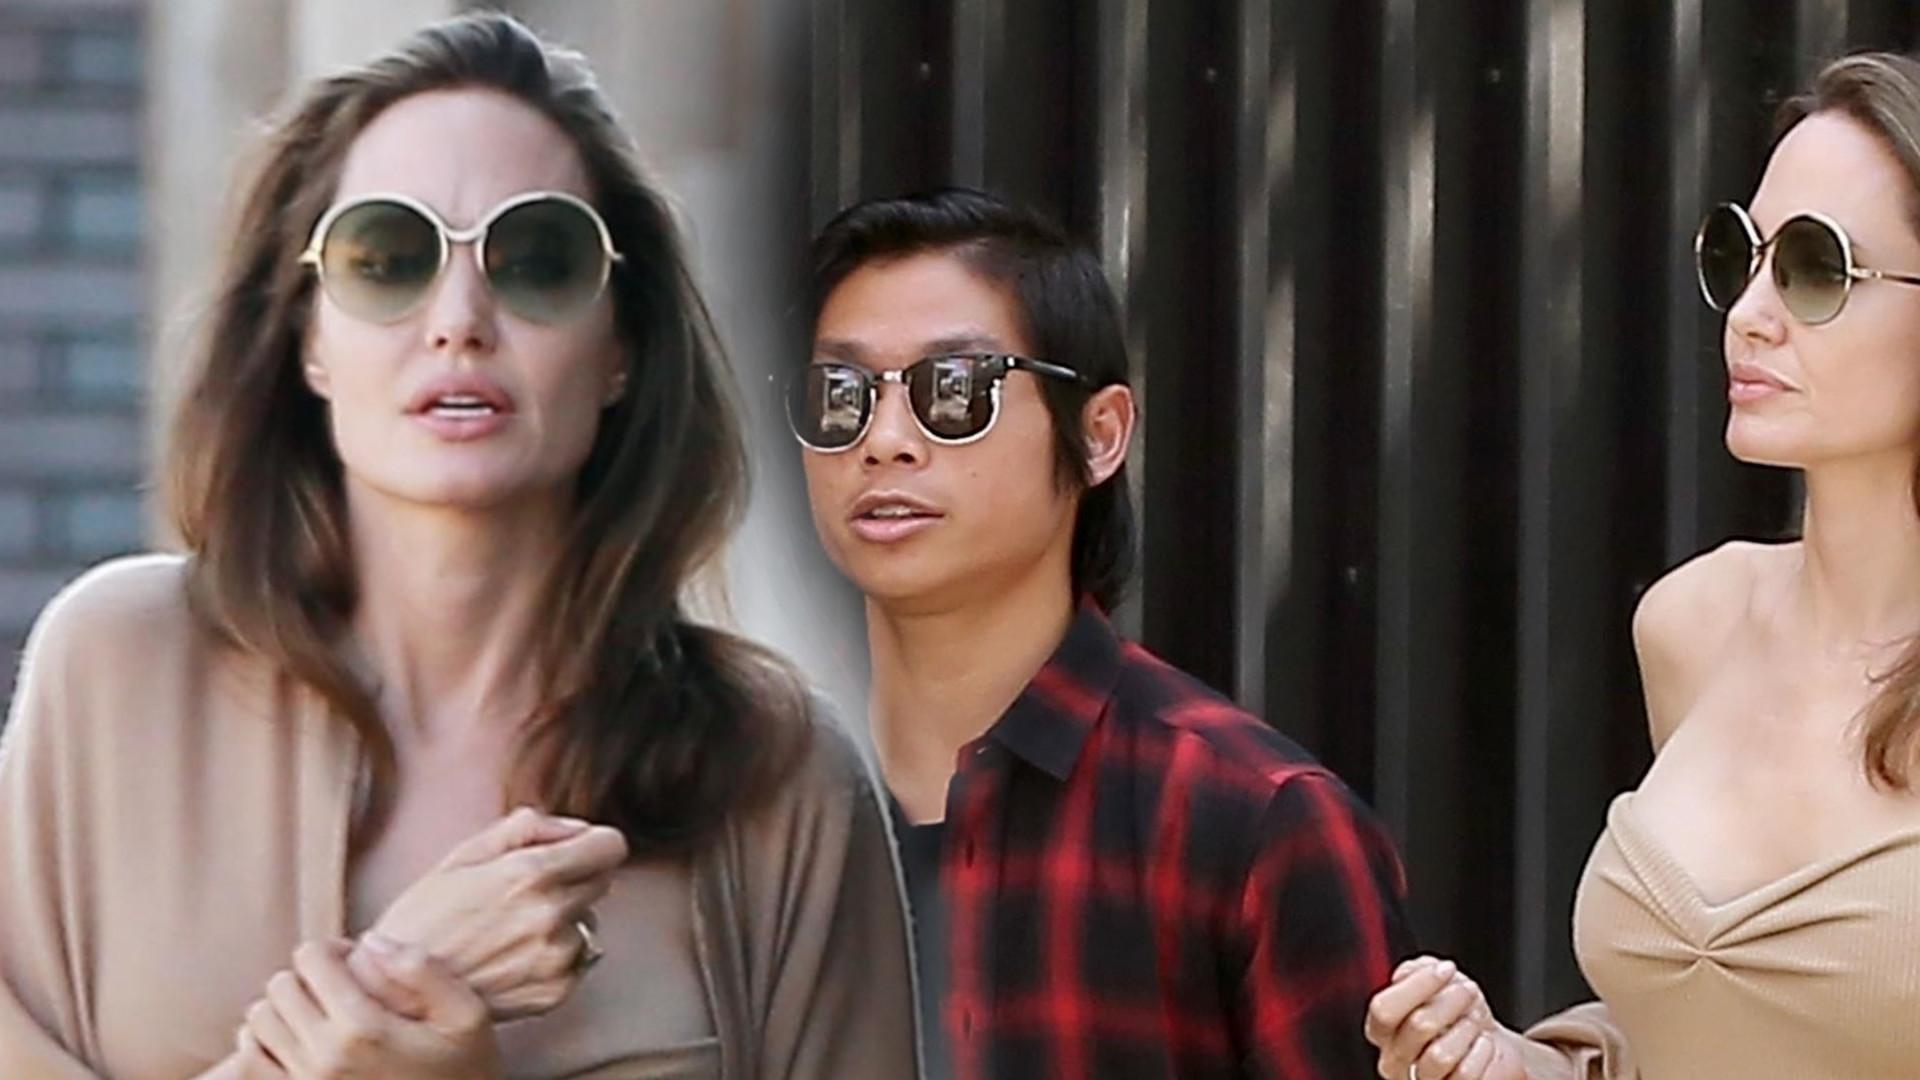 Angelina Jolie w NIETYPOWEJ stylizacji na lunchu z synem (ZDJĘCIA)